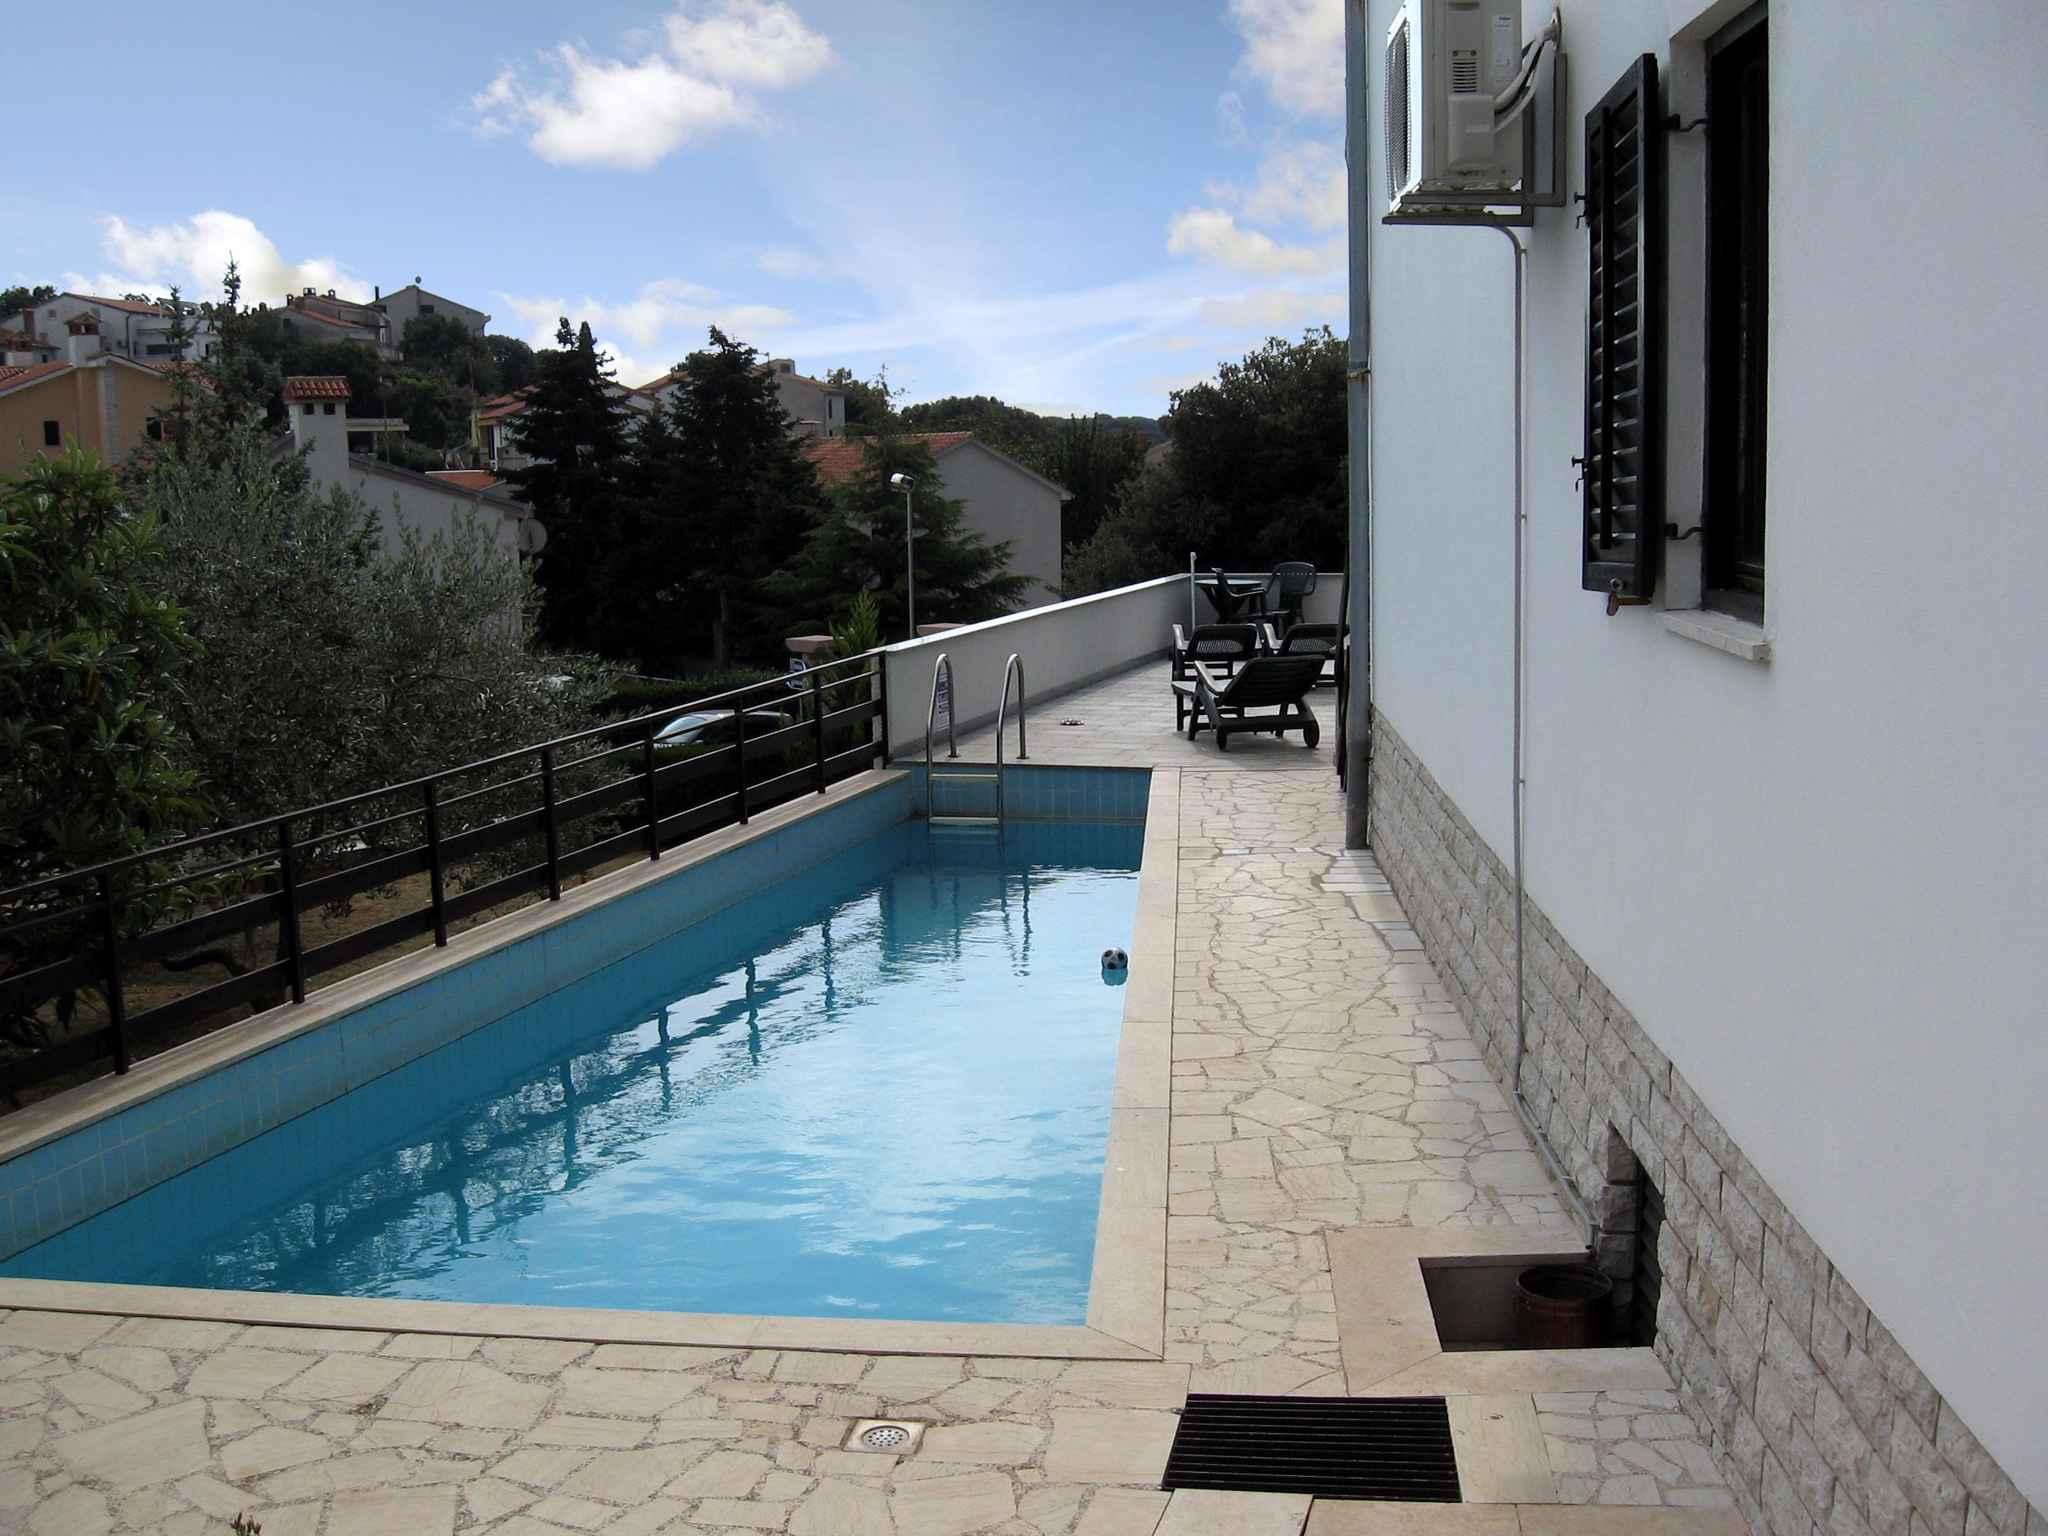 Ferienwohnung mit Pool (280707), Pula, , Istrien, Kroatien, Bild 5